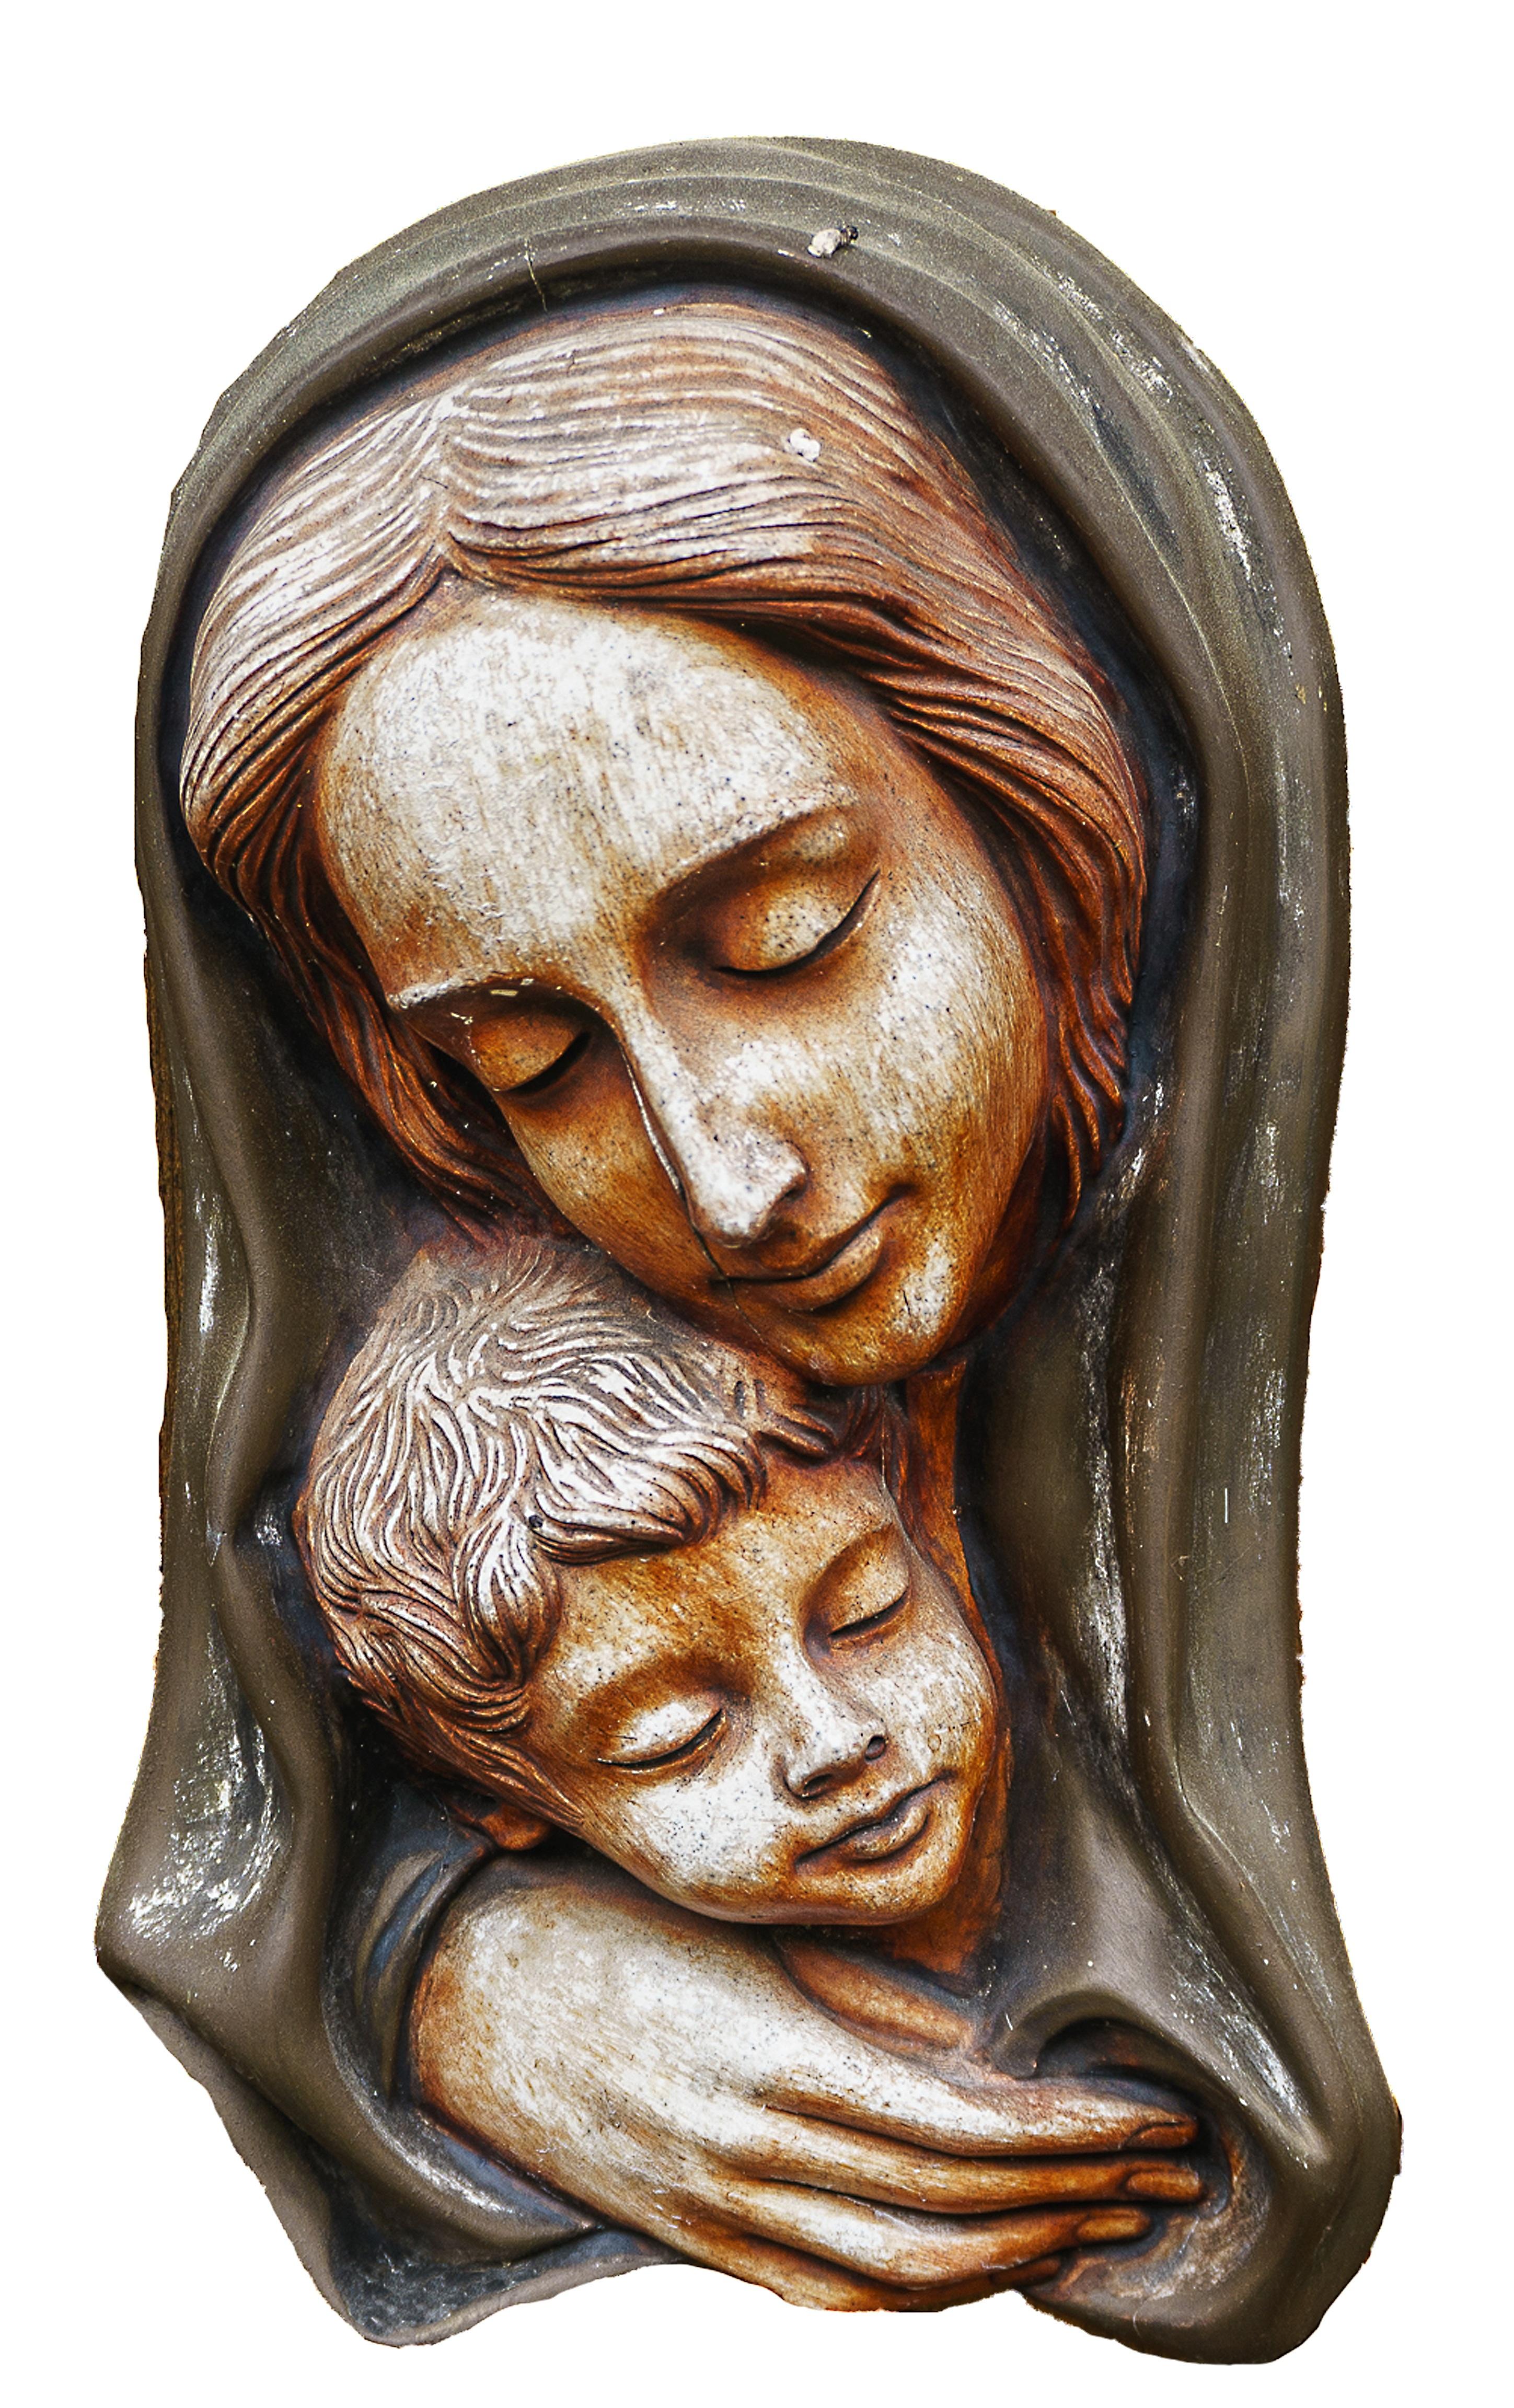 무료 이미지 기념물 동상 어린이 미술 그림 머리 성모 마리아 어머니와 자식 거룩한